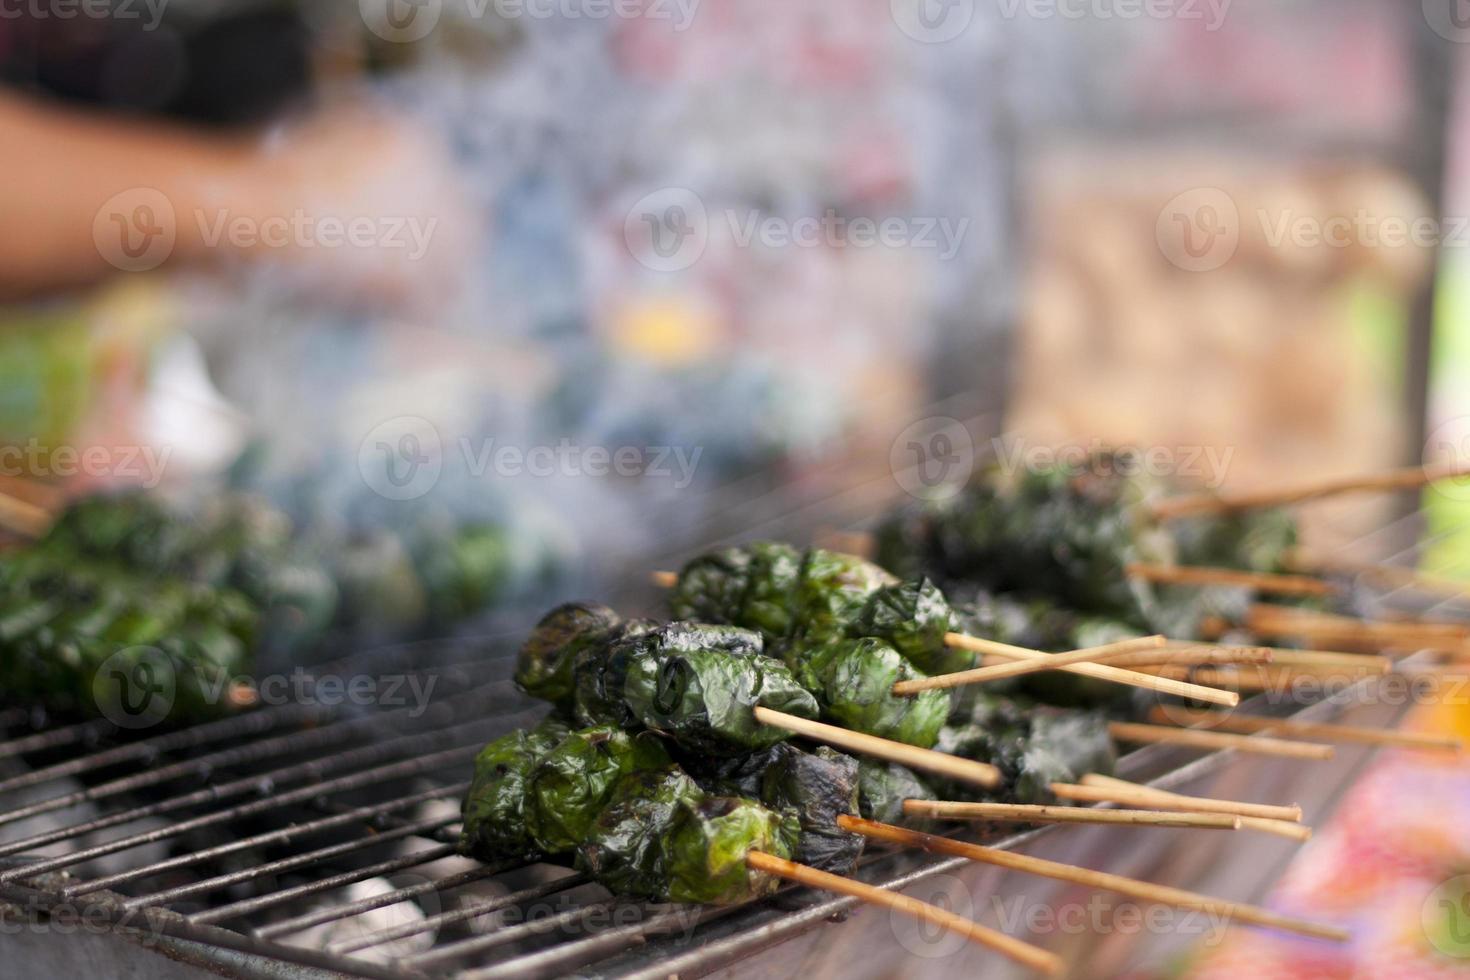 boeuf grillé en feuille de bétel photo